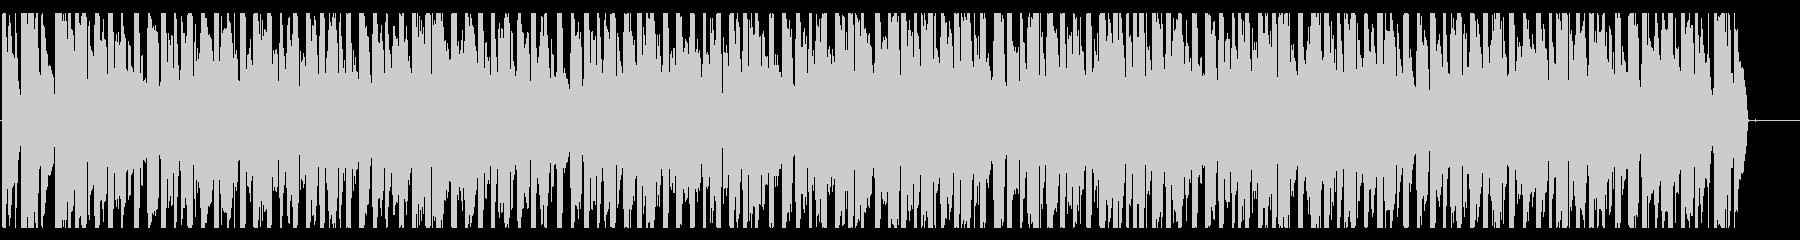 夏/海/トロピカルハウス_No375_2の未再生の波形